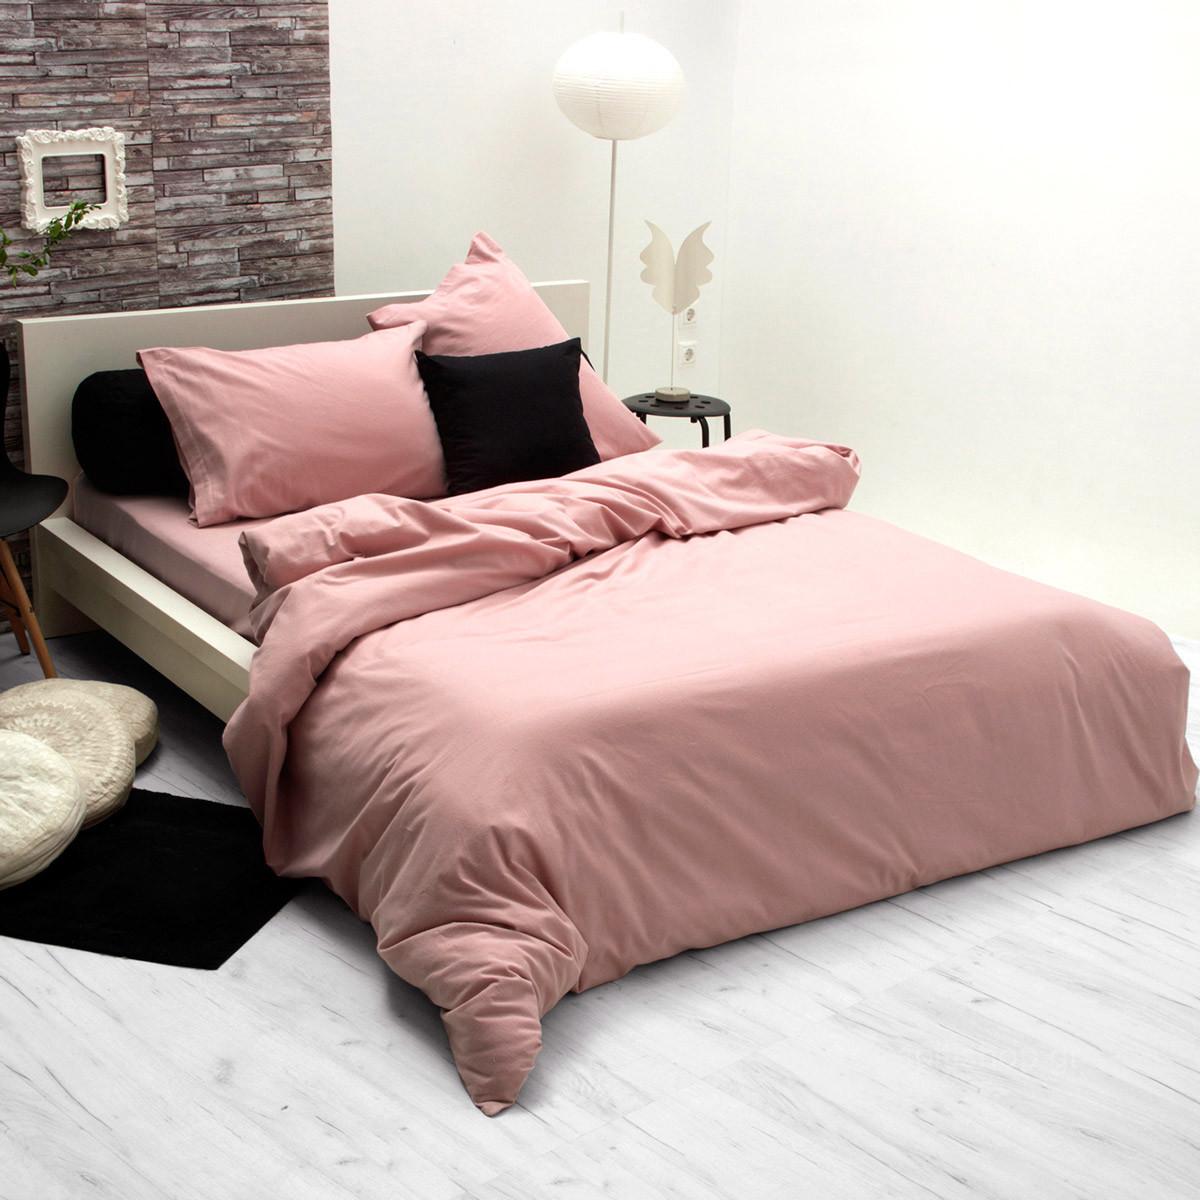 Φανελένια Παπλωματοθήκη Υπέρδιπλη Sb Home Flannel Pink